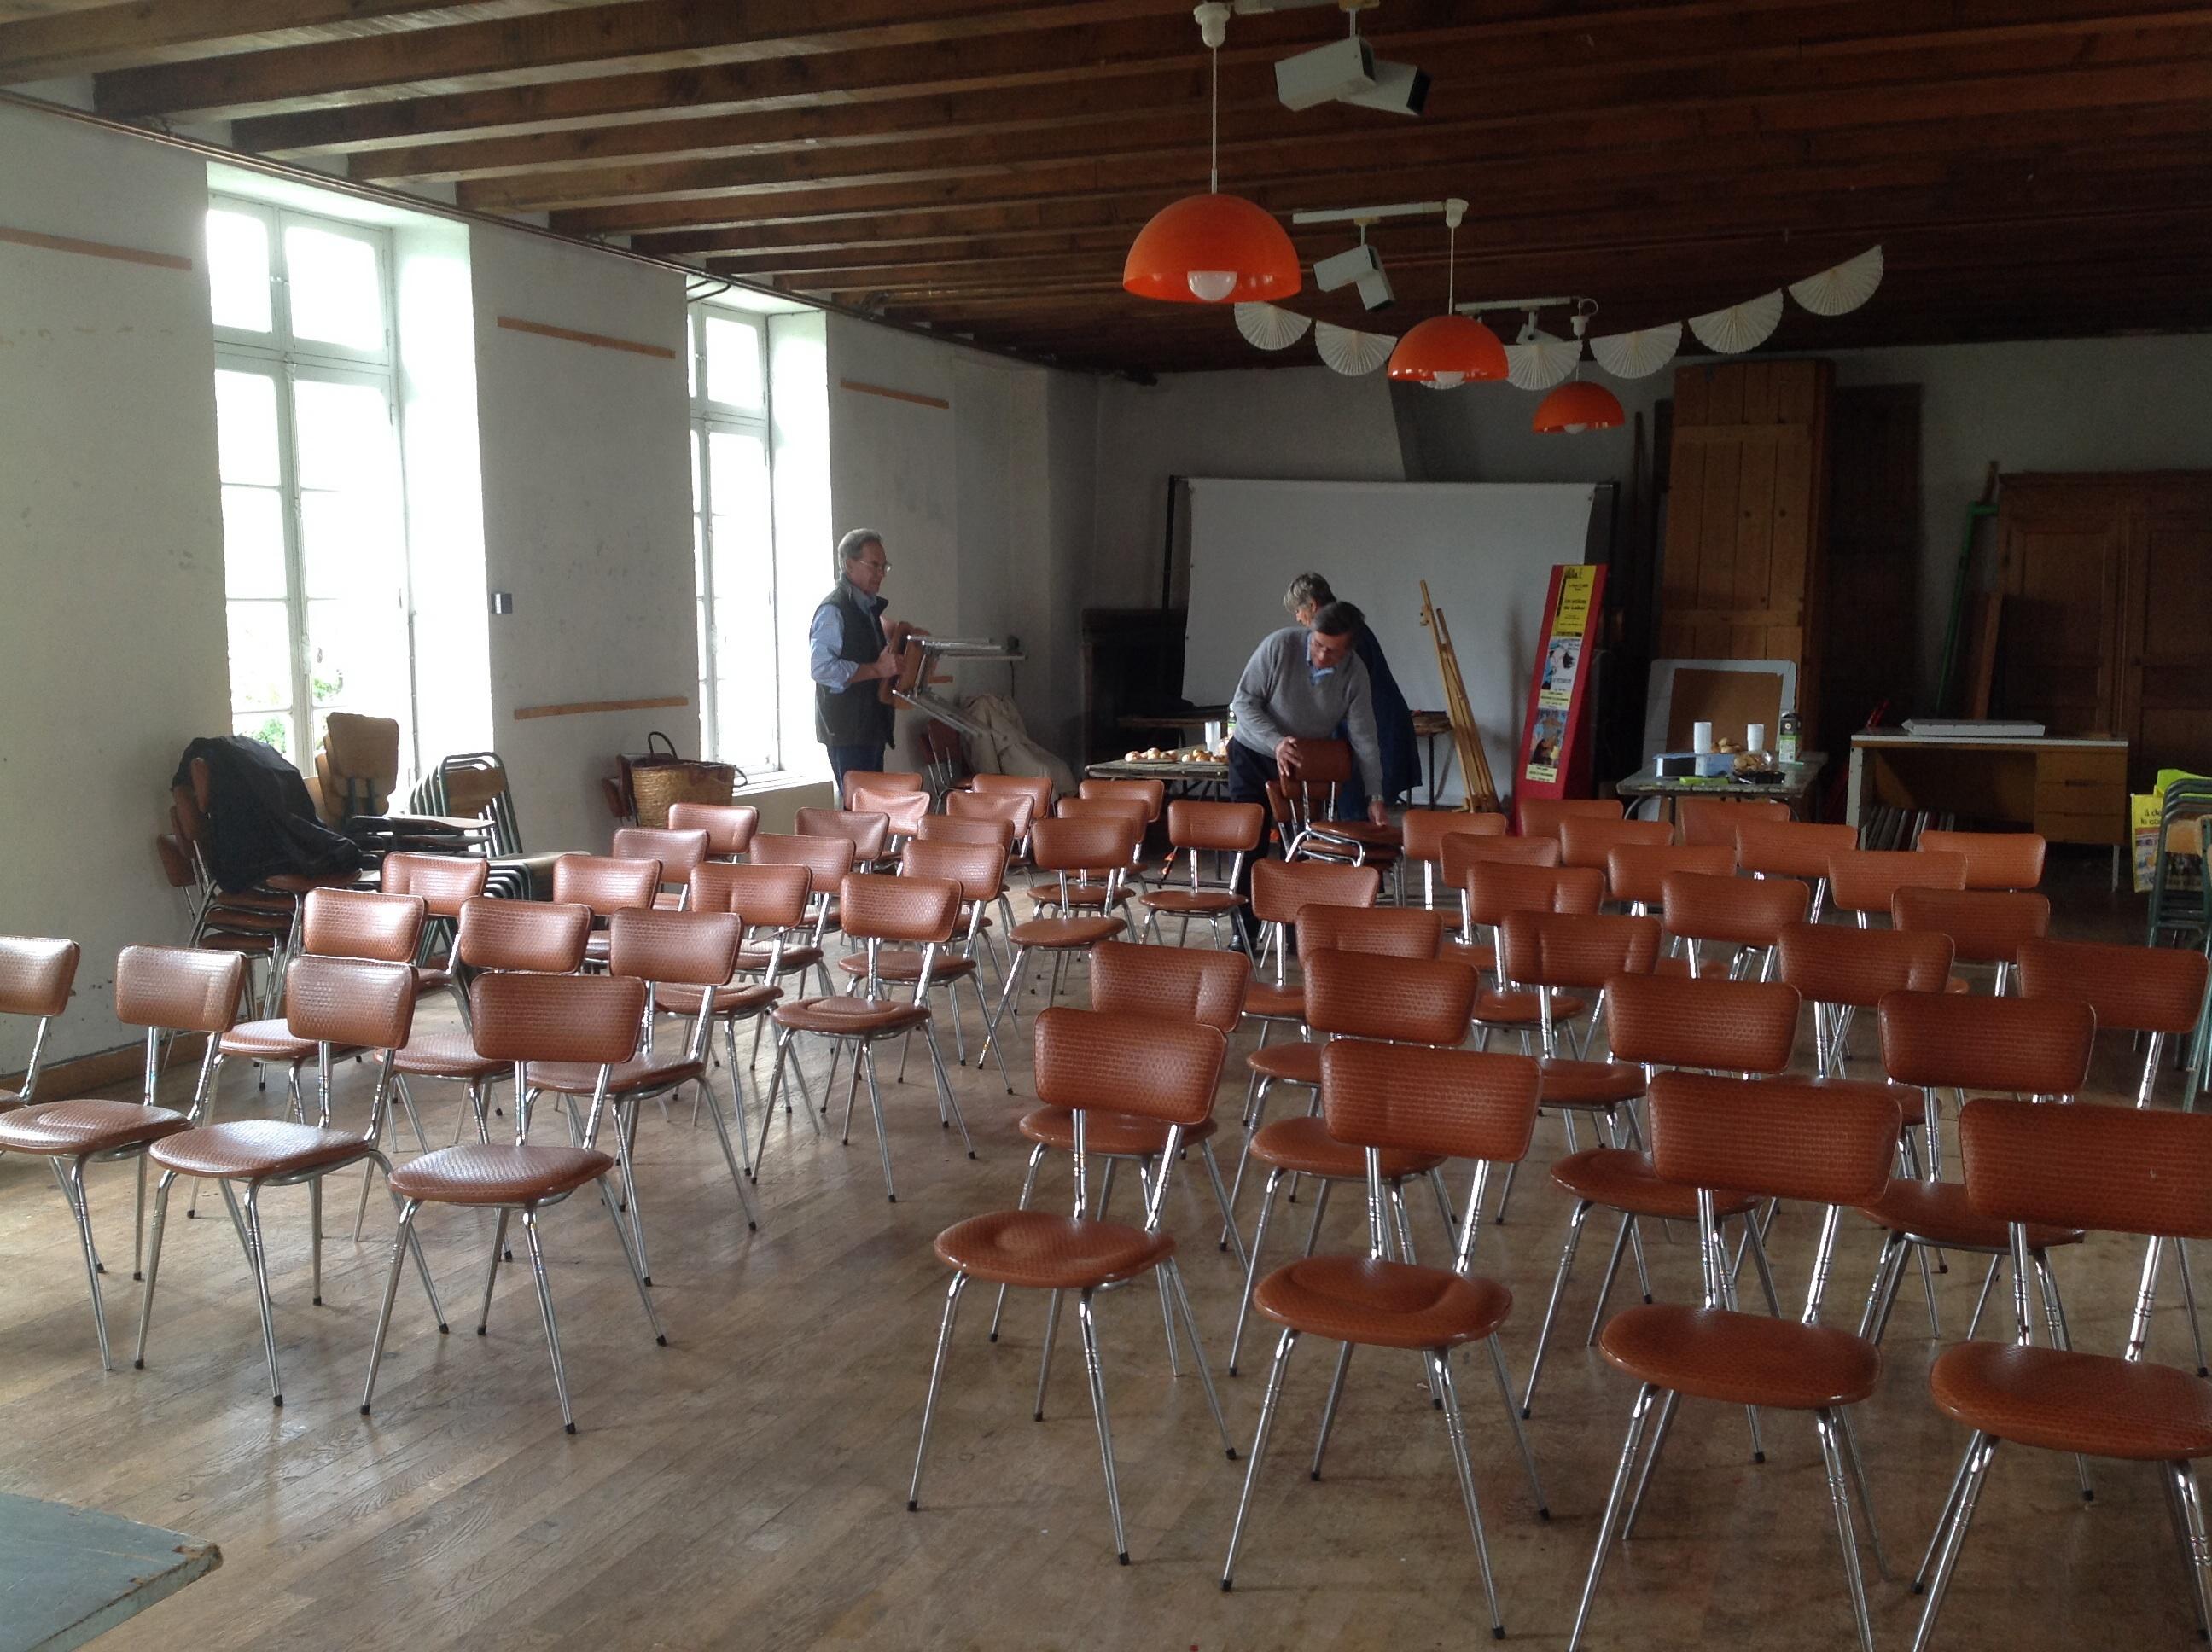 Les chaises n'attendent plus que le public.